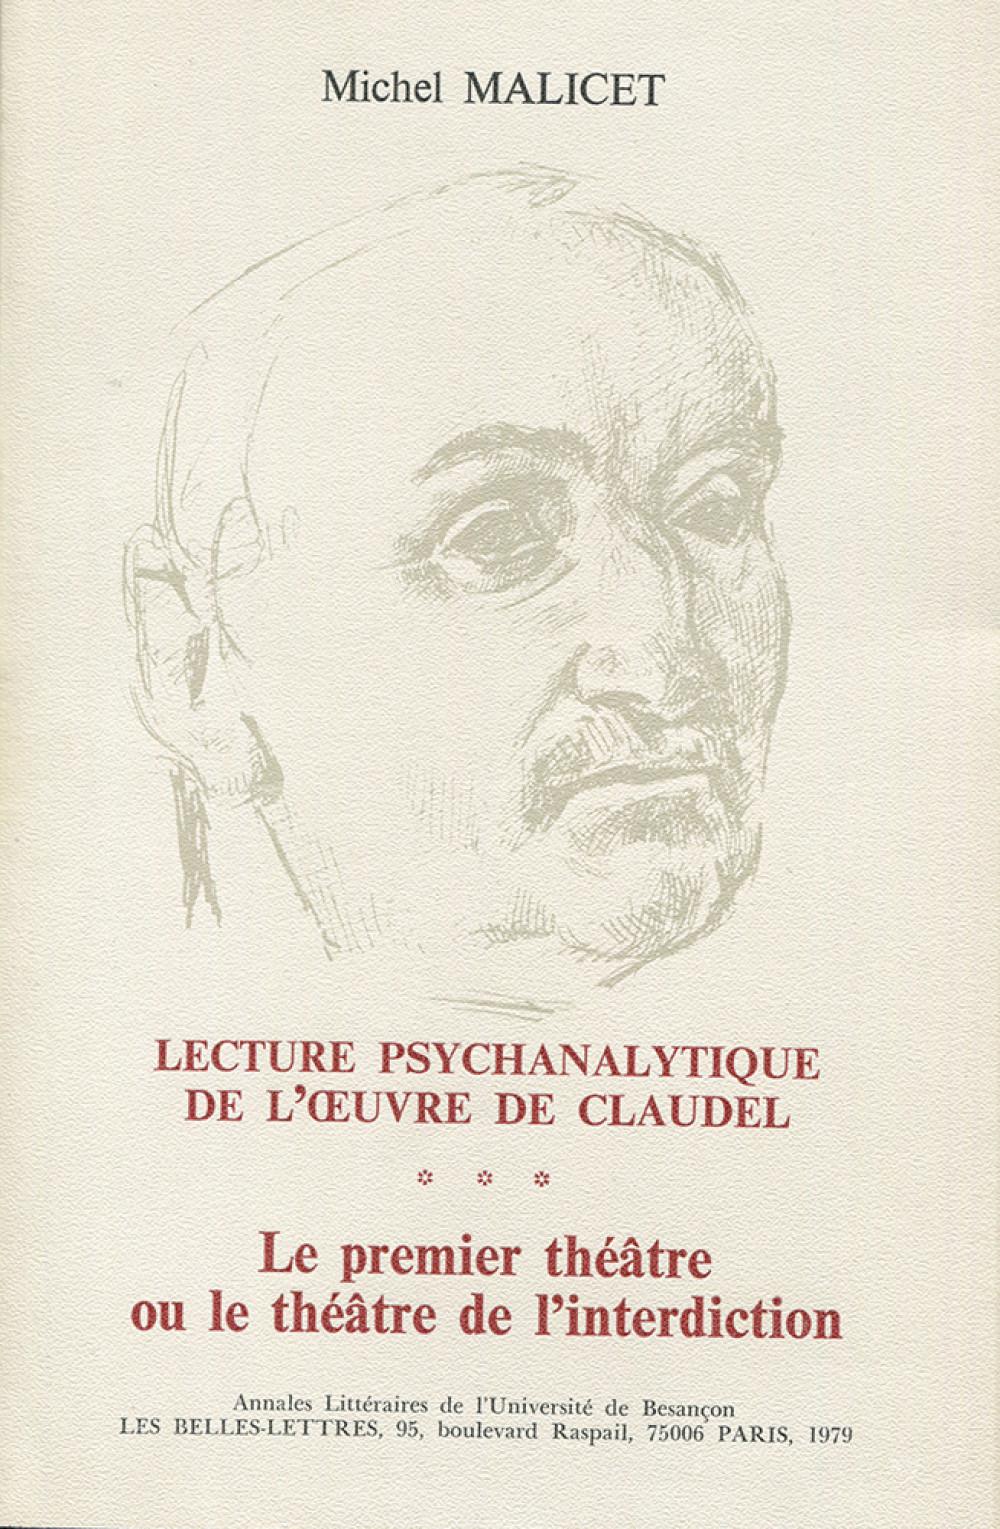 Lecture psychanalytique de l'oeuvre de Paul Claudel. Tome III